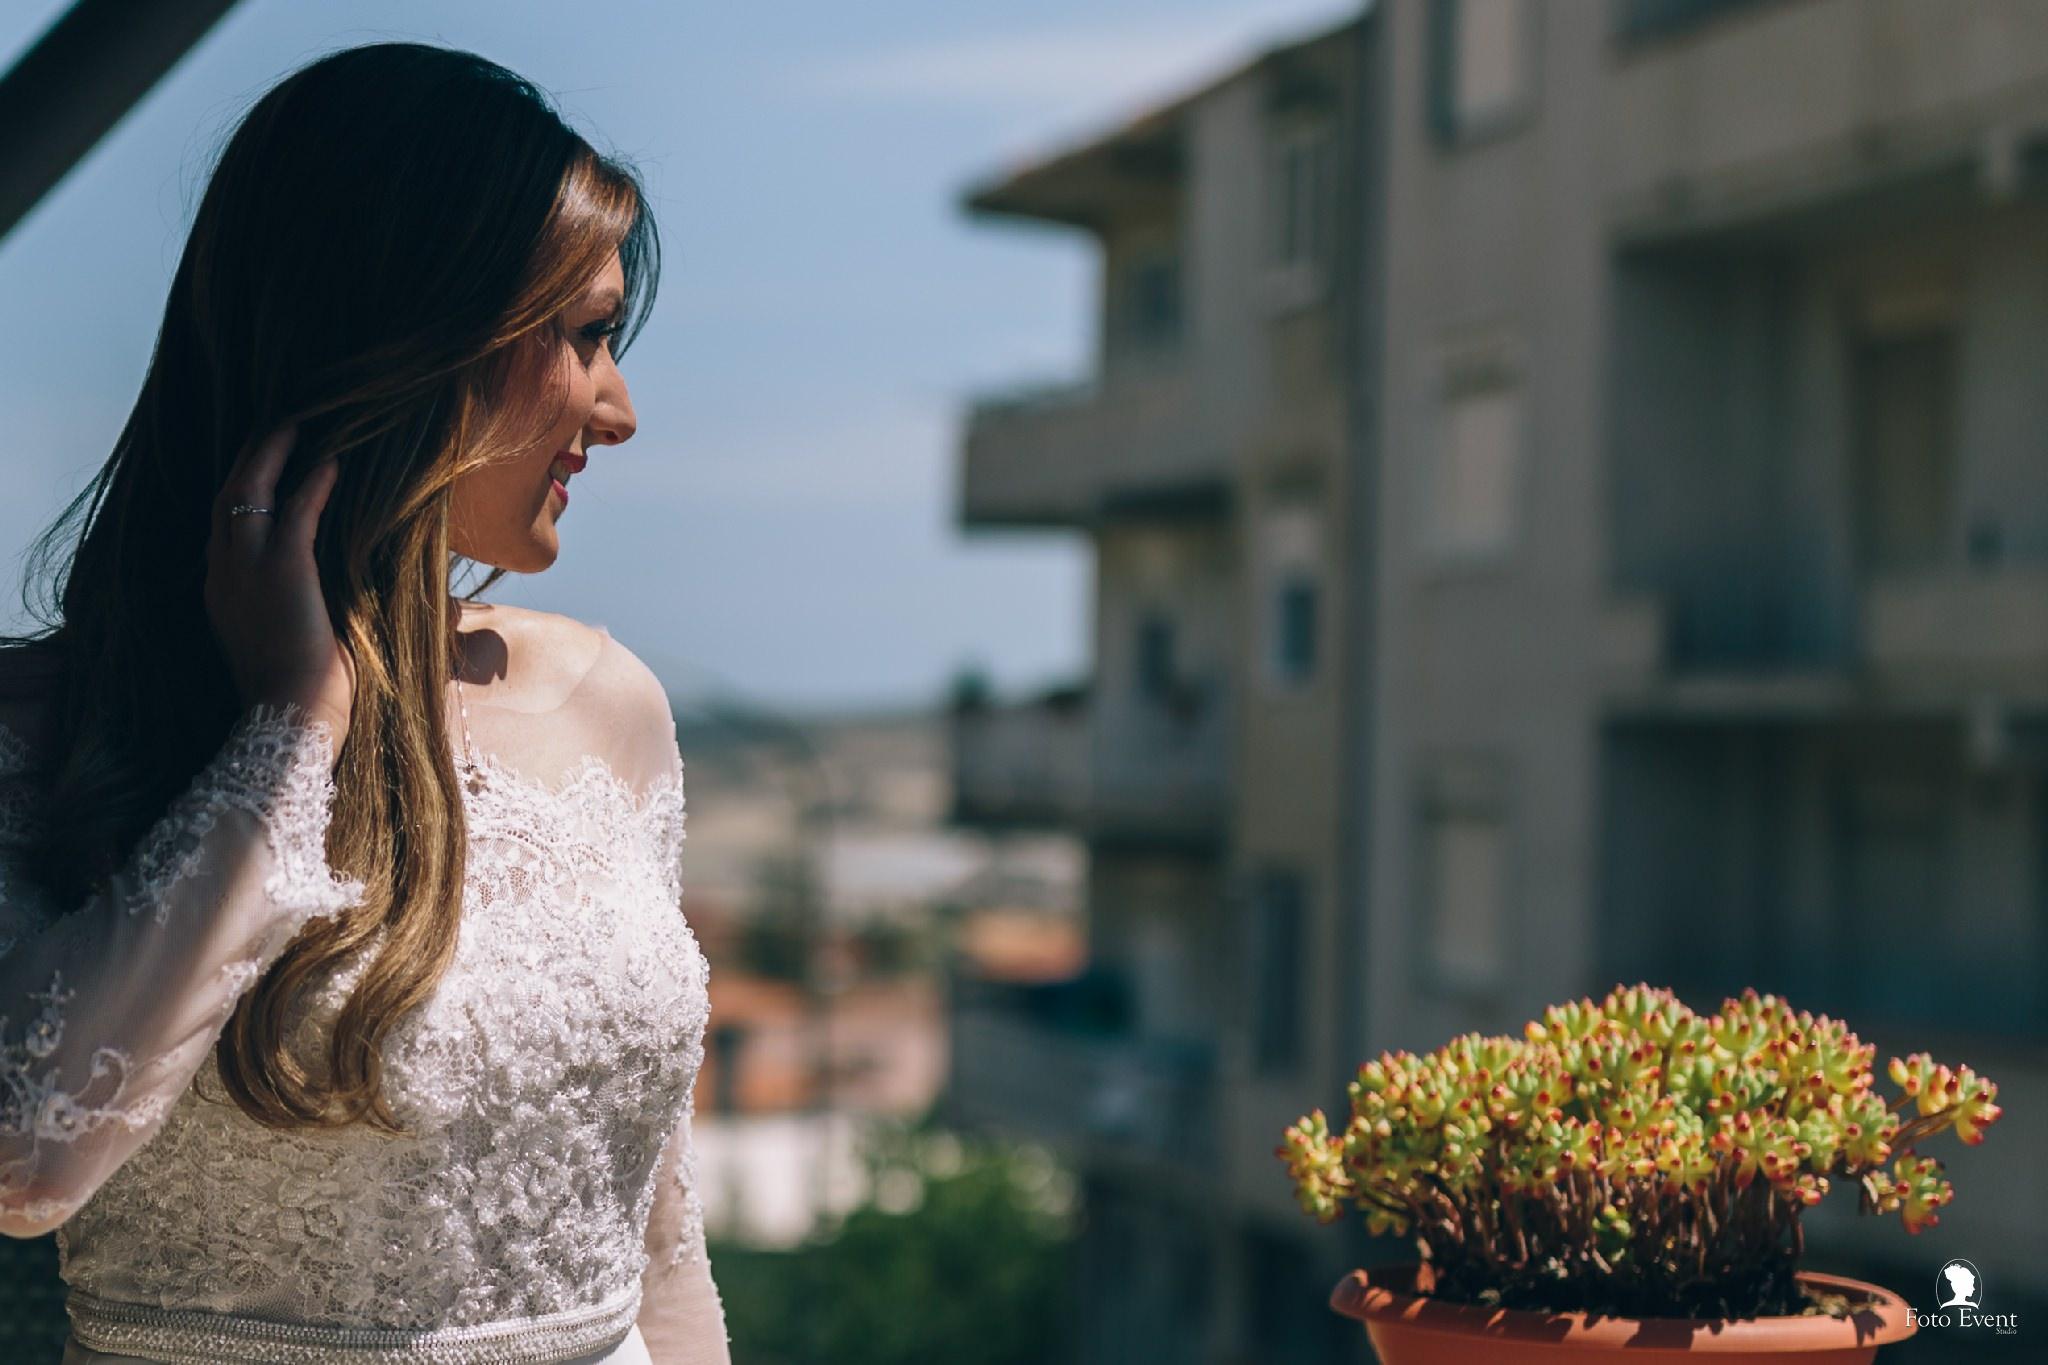 283-2019-05-09-Matrimonio-Maria-Concetta-e-Daniel-Gebbia-35mm-259